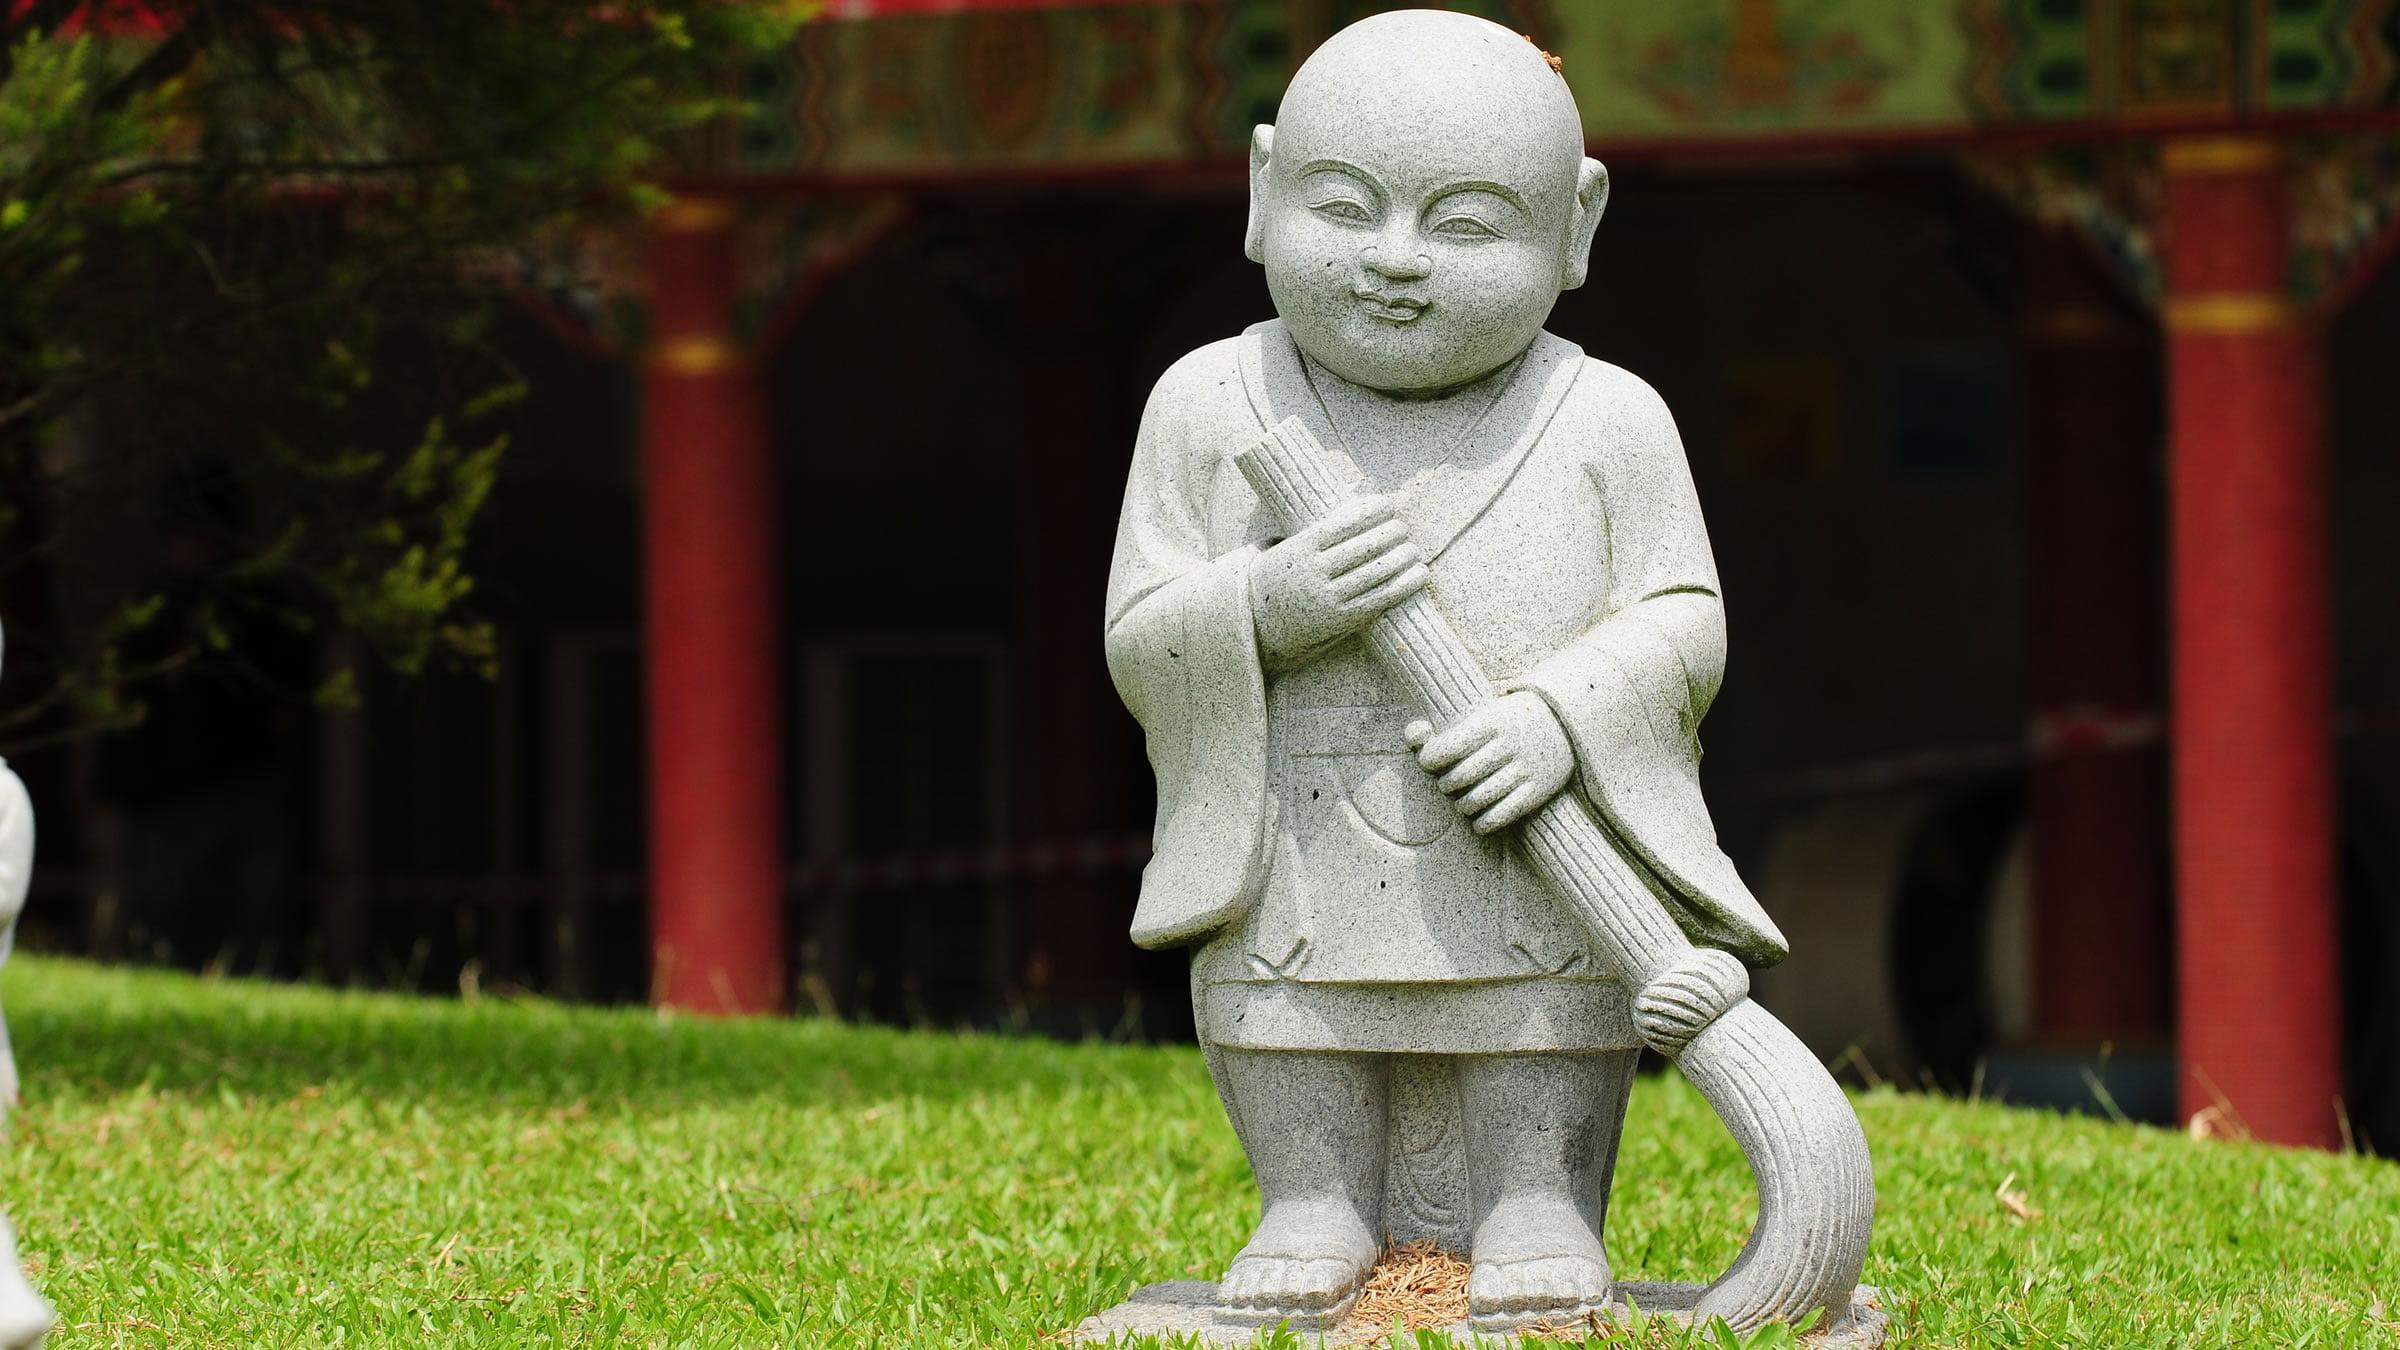 La direcci n al barrer importa en la cultura china - Que dias dan mala suerte en la cultura china ...